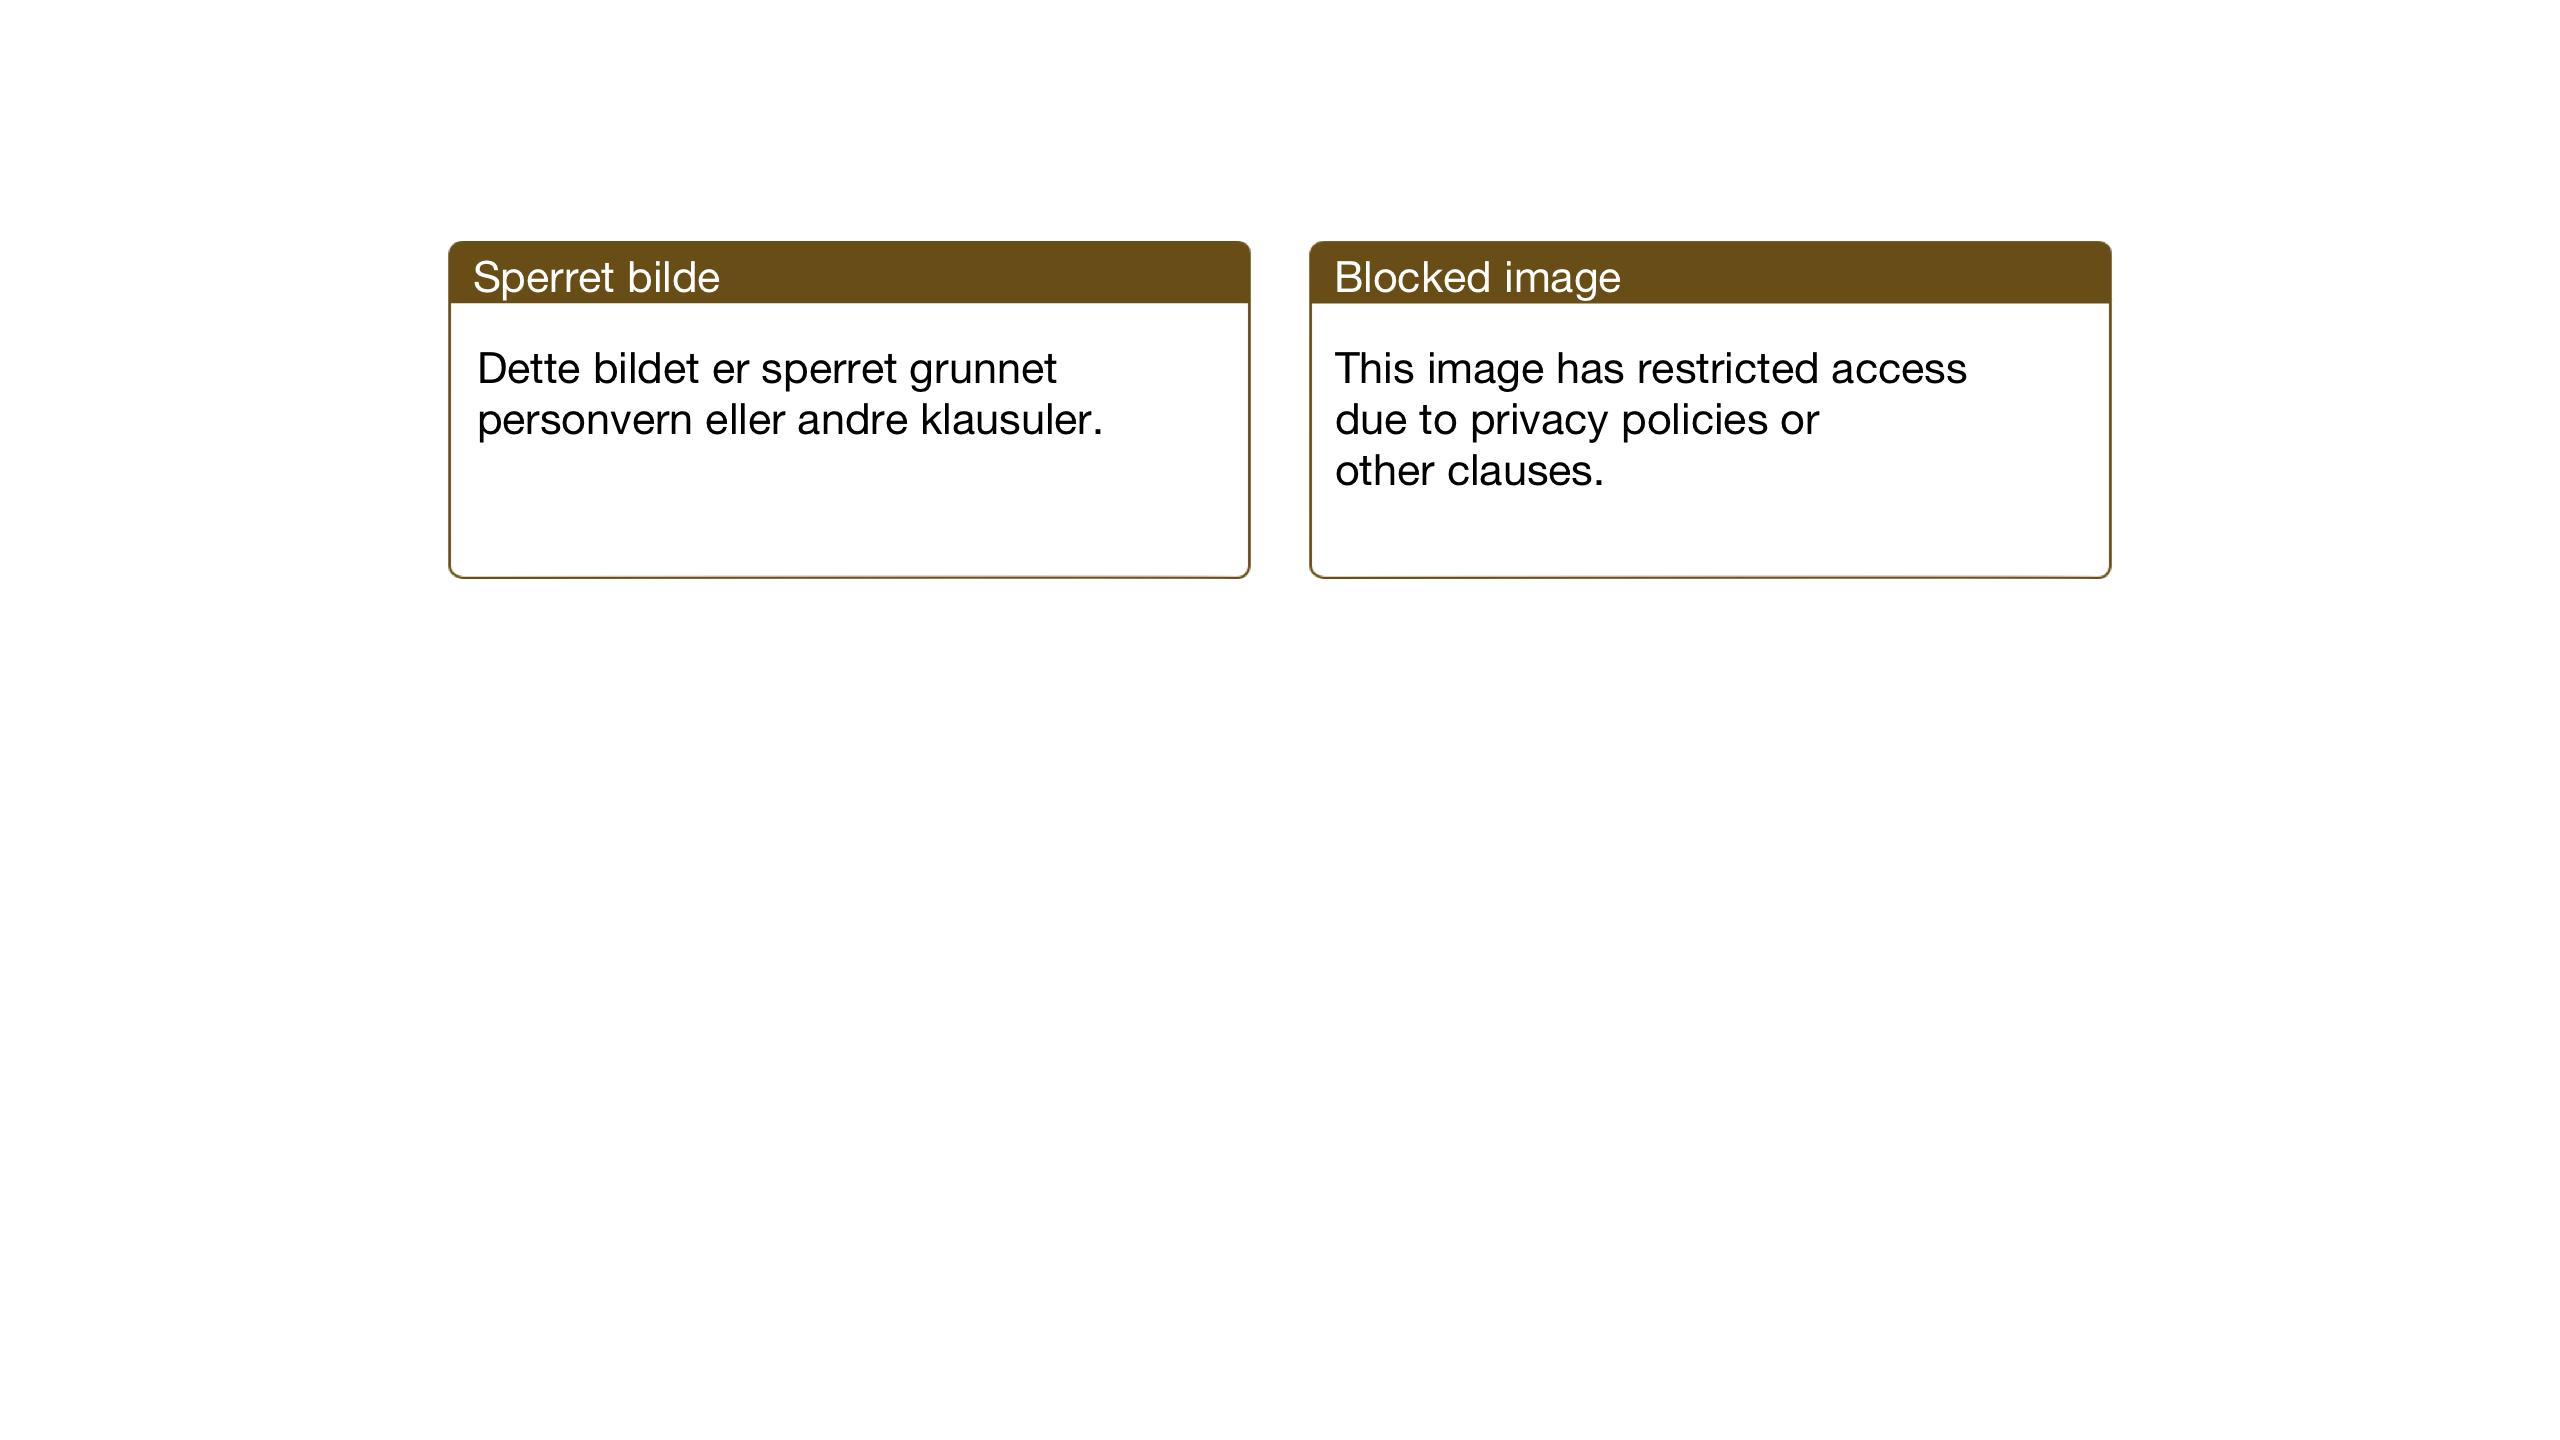 SAT, Ministerialprotokoller, klokkerbøker og fødselsregistre - Nord-Trøndelag, 709/L0089: Klokkerbok nr. 709C03, 1935-1948, s. 234